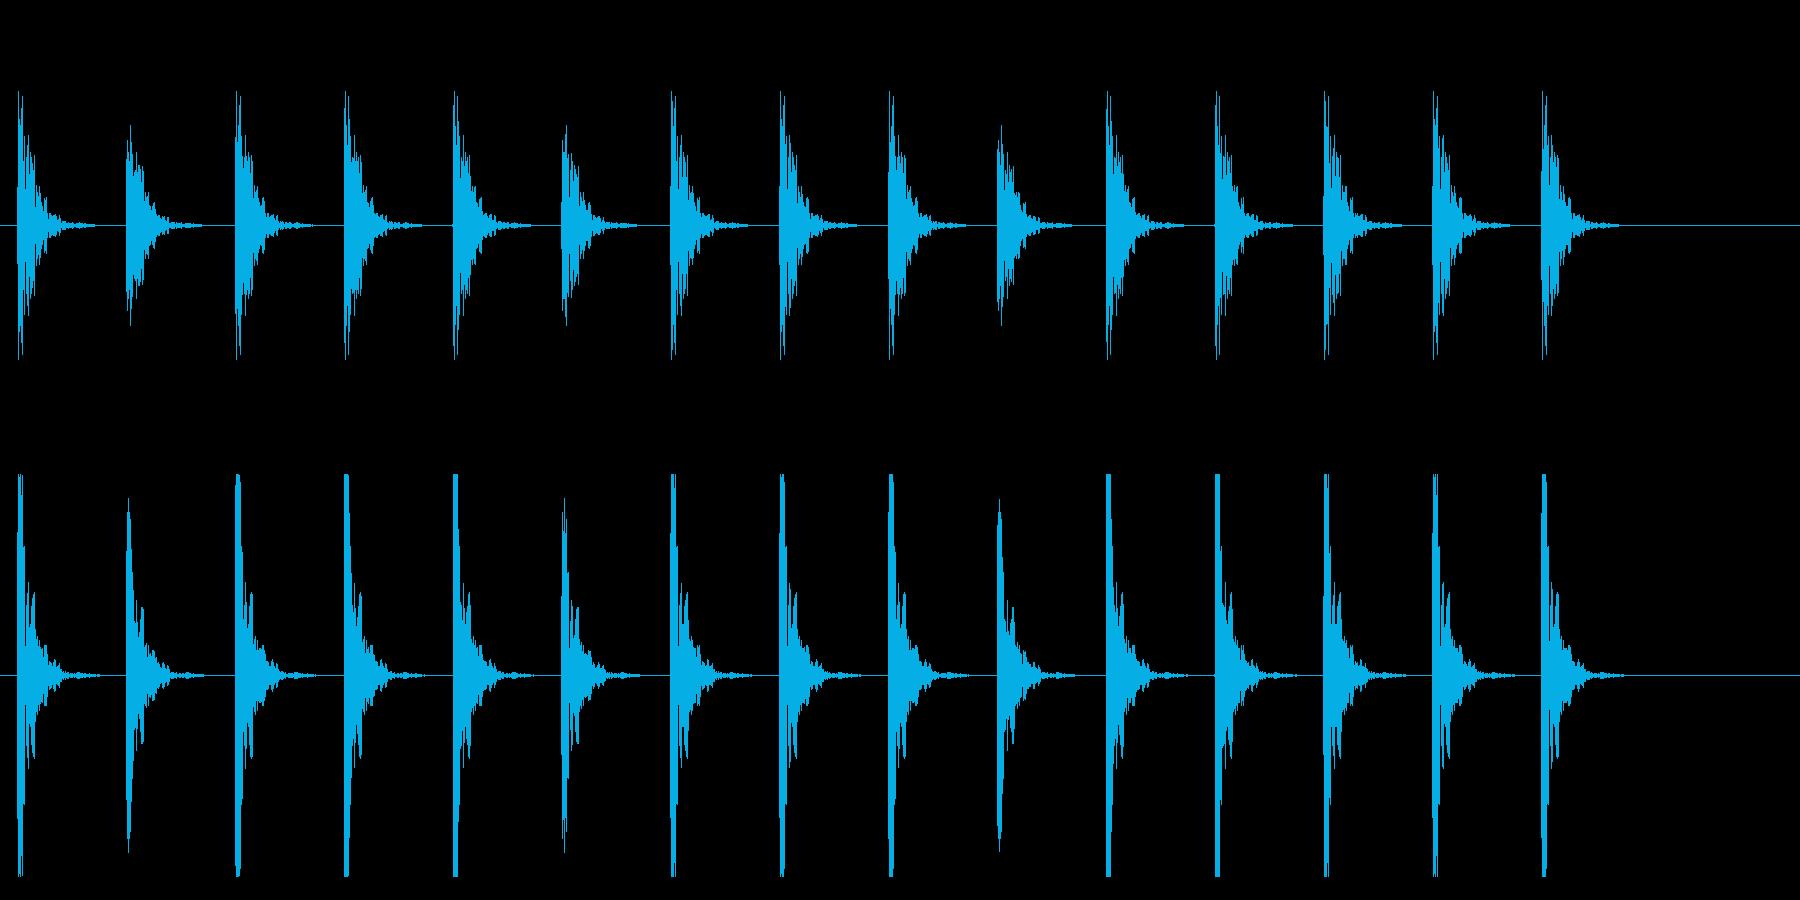 ポクポク1 木魚・シンキングタイム10秒の再生済みの波形